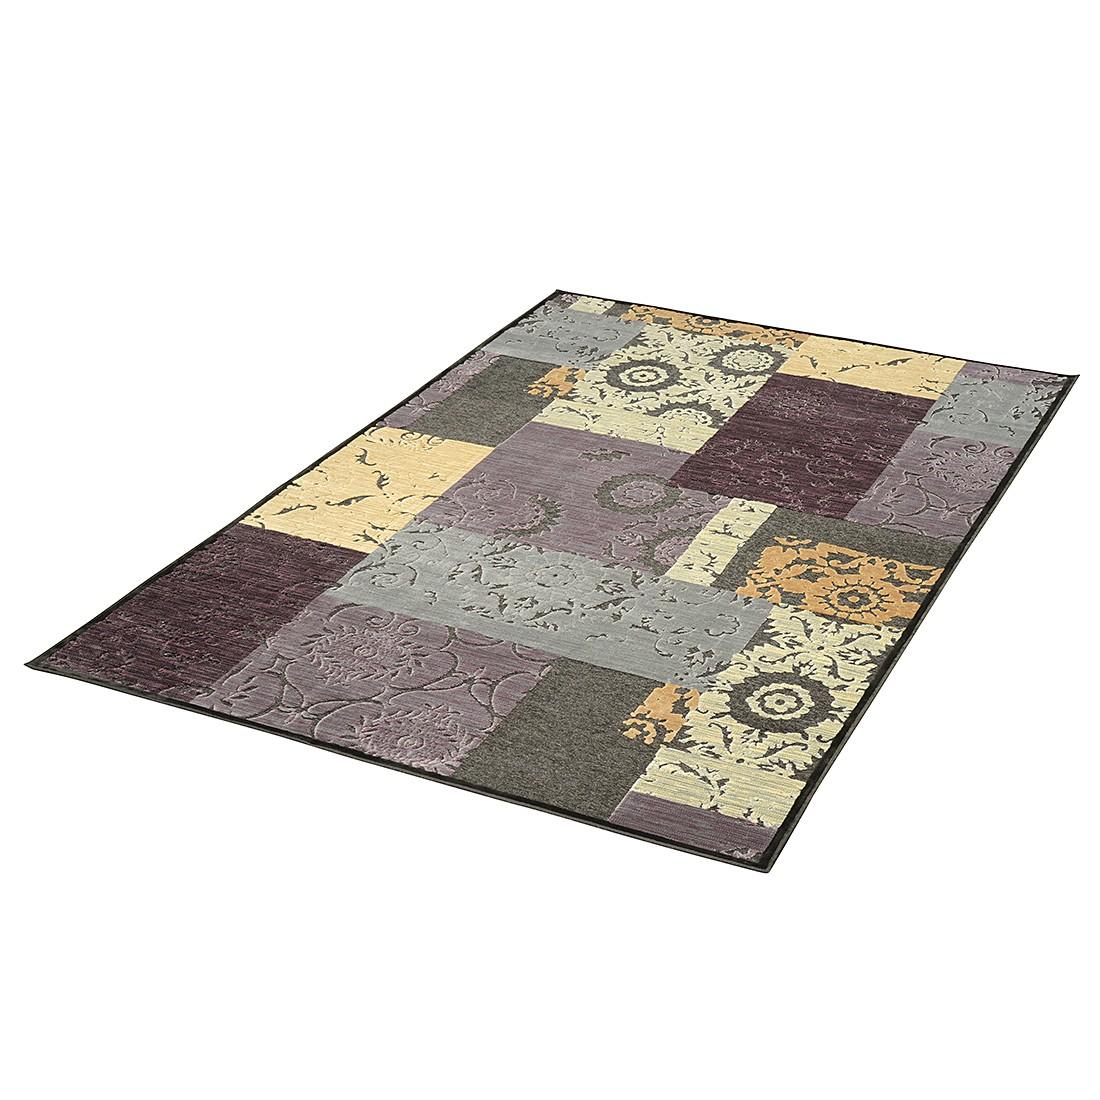 Teppich Nostalgie – Flieder – 160 x 230 cm, Dekowe günstig bestellen